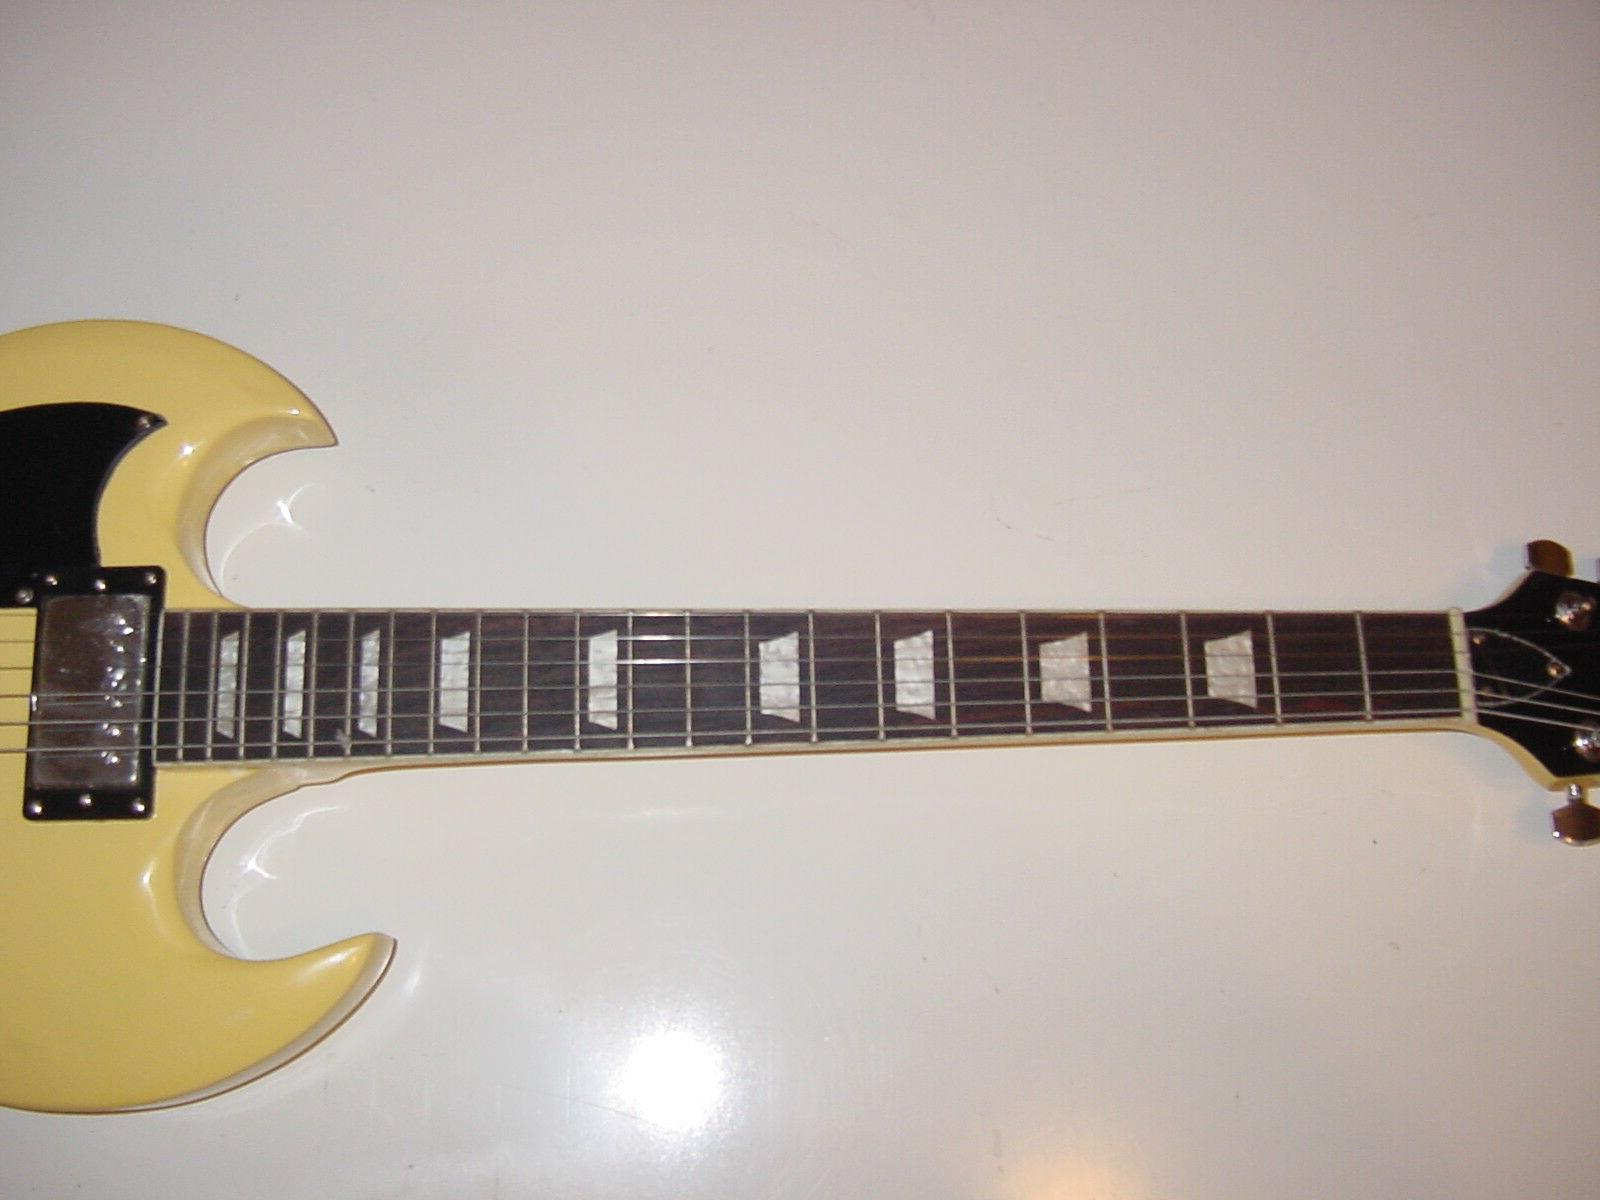 New 6 String Guitar Vintage Blonde Neck